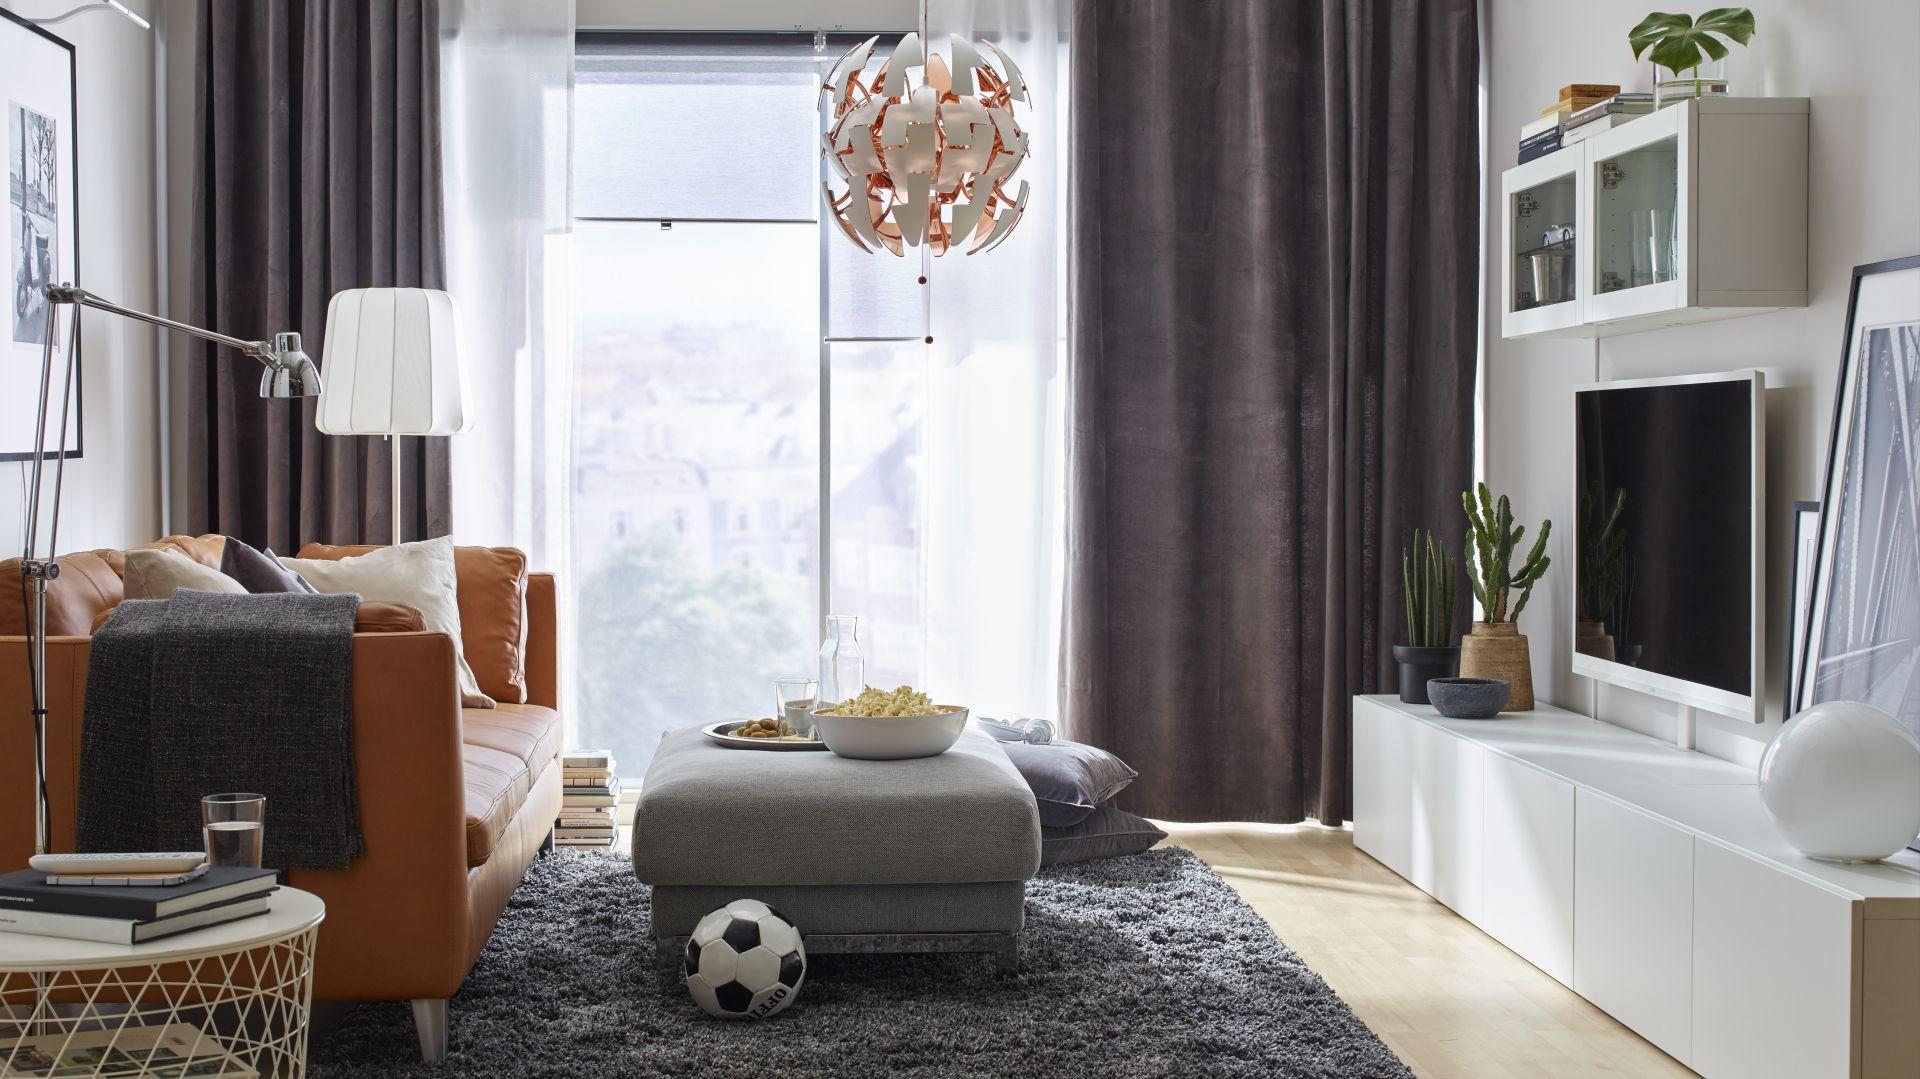 Tv Kast Ikea : BestÅ wandkastcombinatie ikea ikeanederland inspiratie